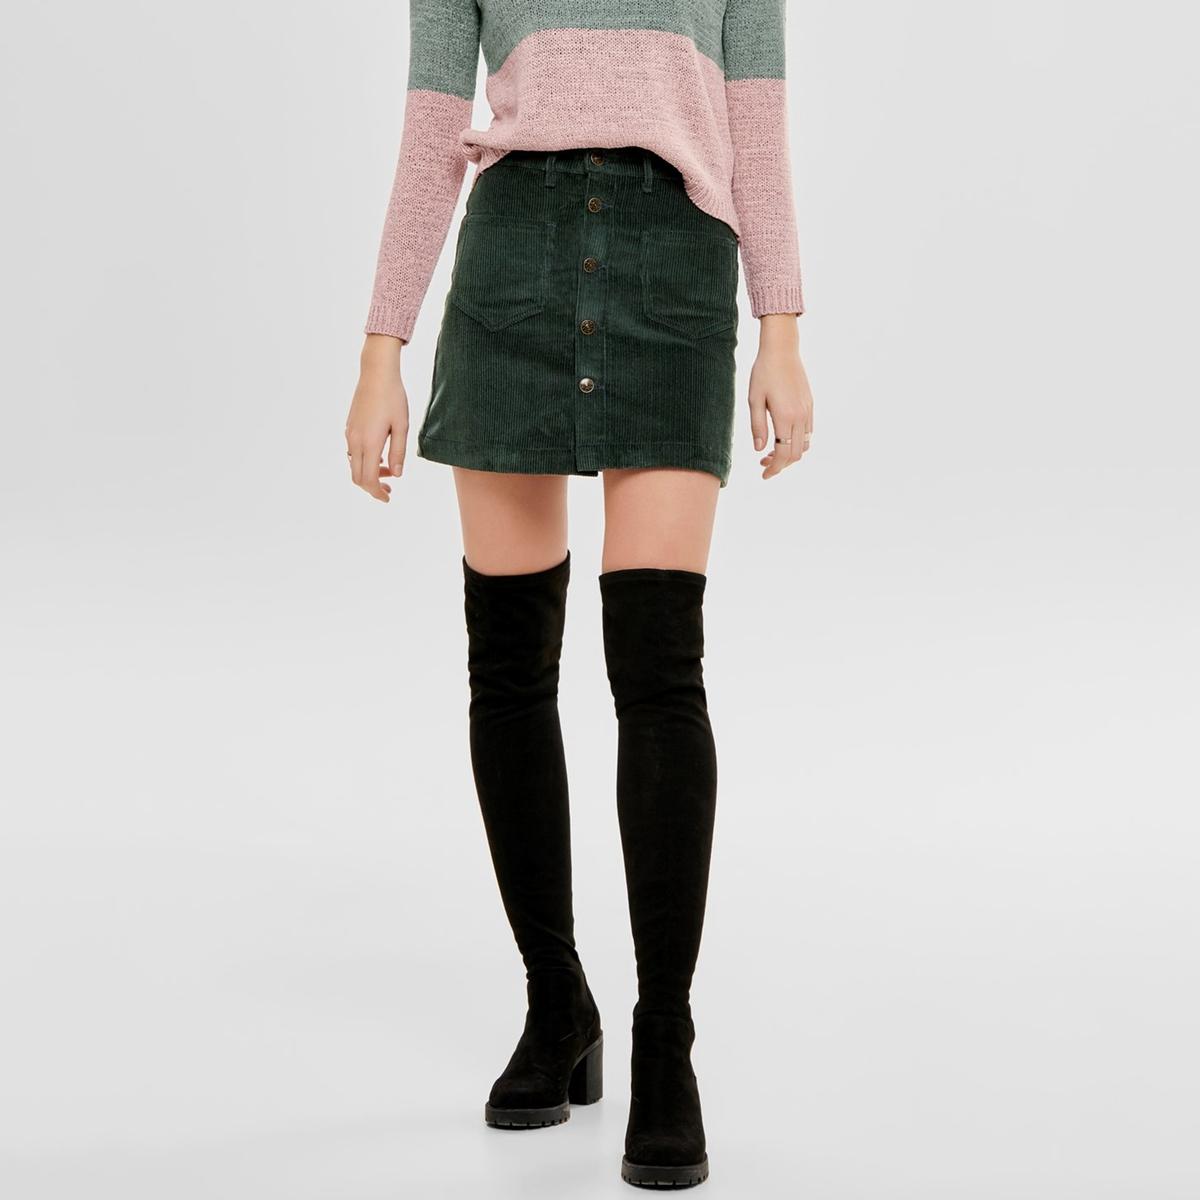 Юбка La Redoute Короткая с застежкой на пуговицы из велюра XL зеленый пиджак с застежкой на пуговицы sartorio